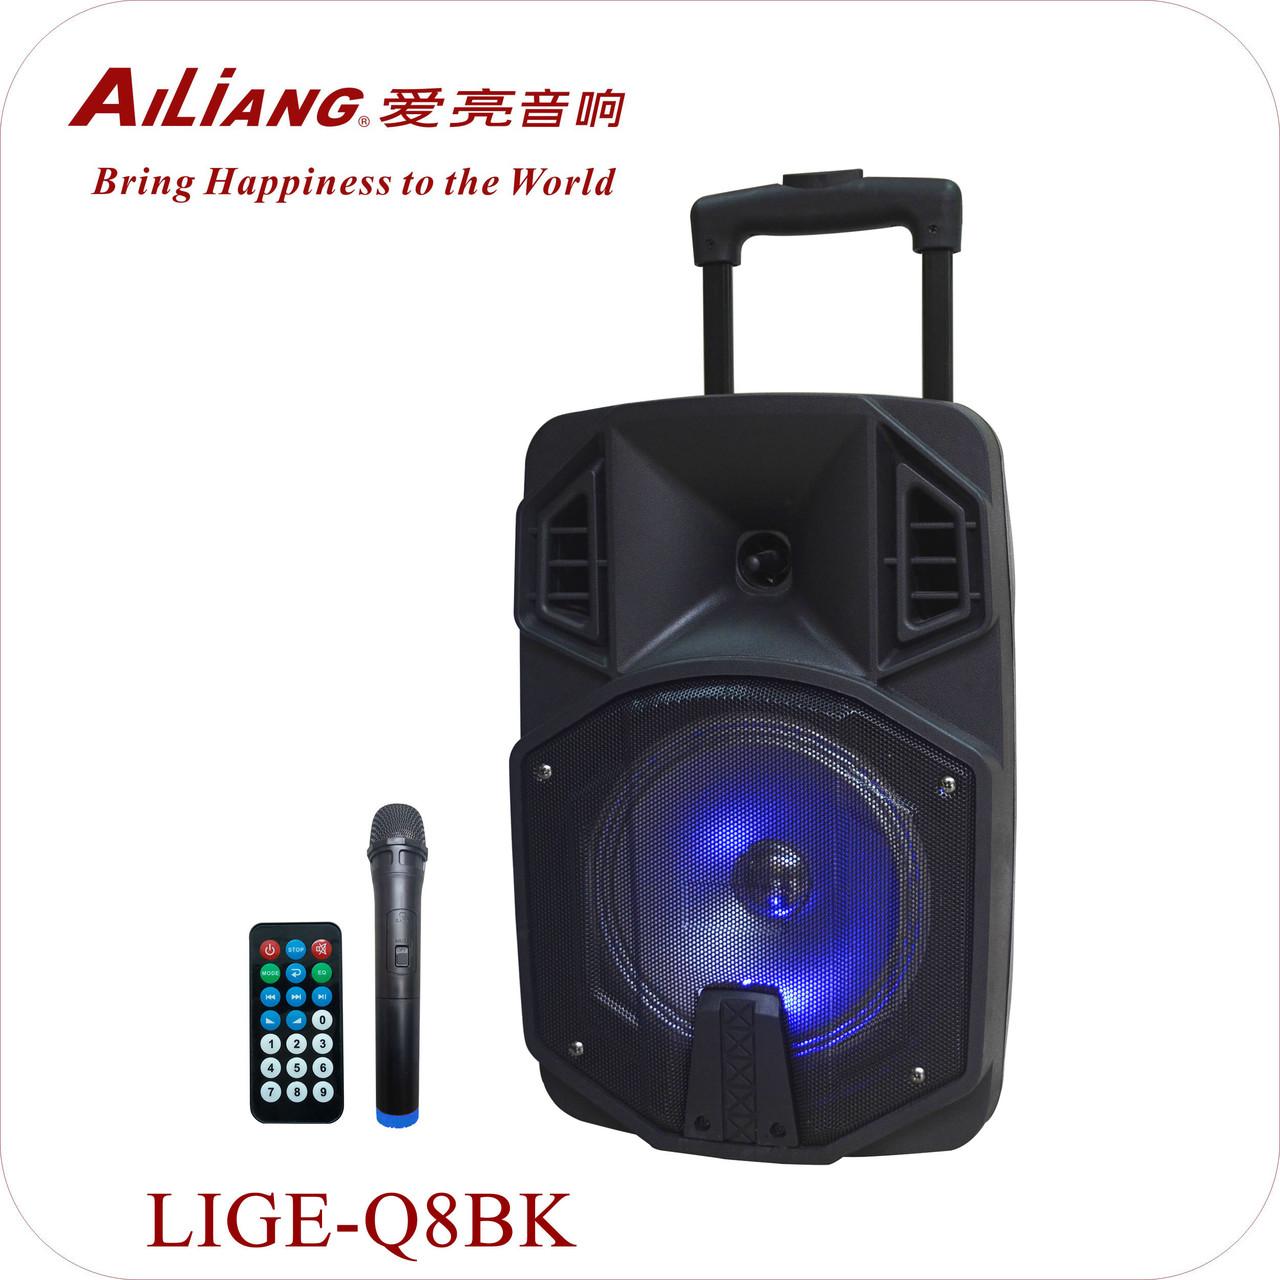 Аккумуляторная портативная колонка чемодан Ailiang LiGE-Q8BK, беспроводная Bluetooth акустика с микрофоном